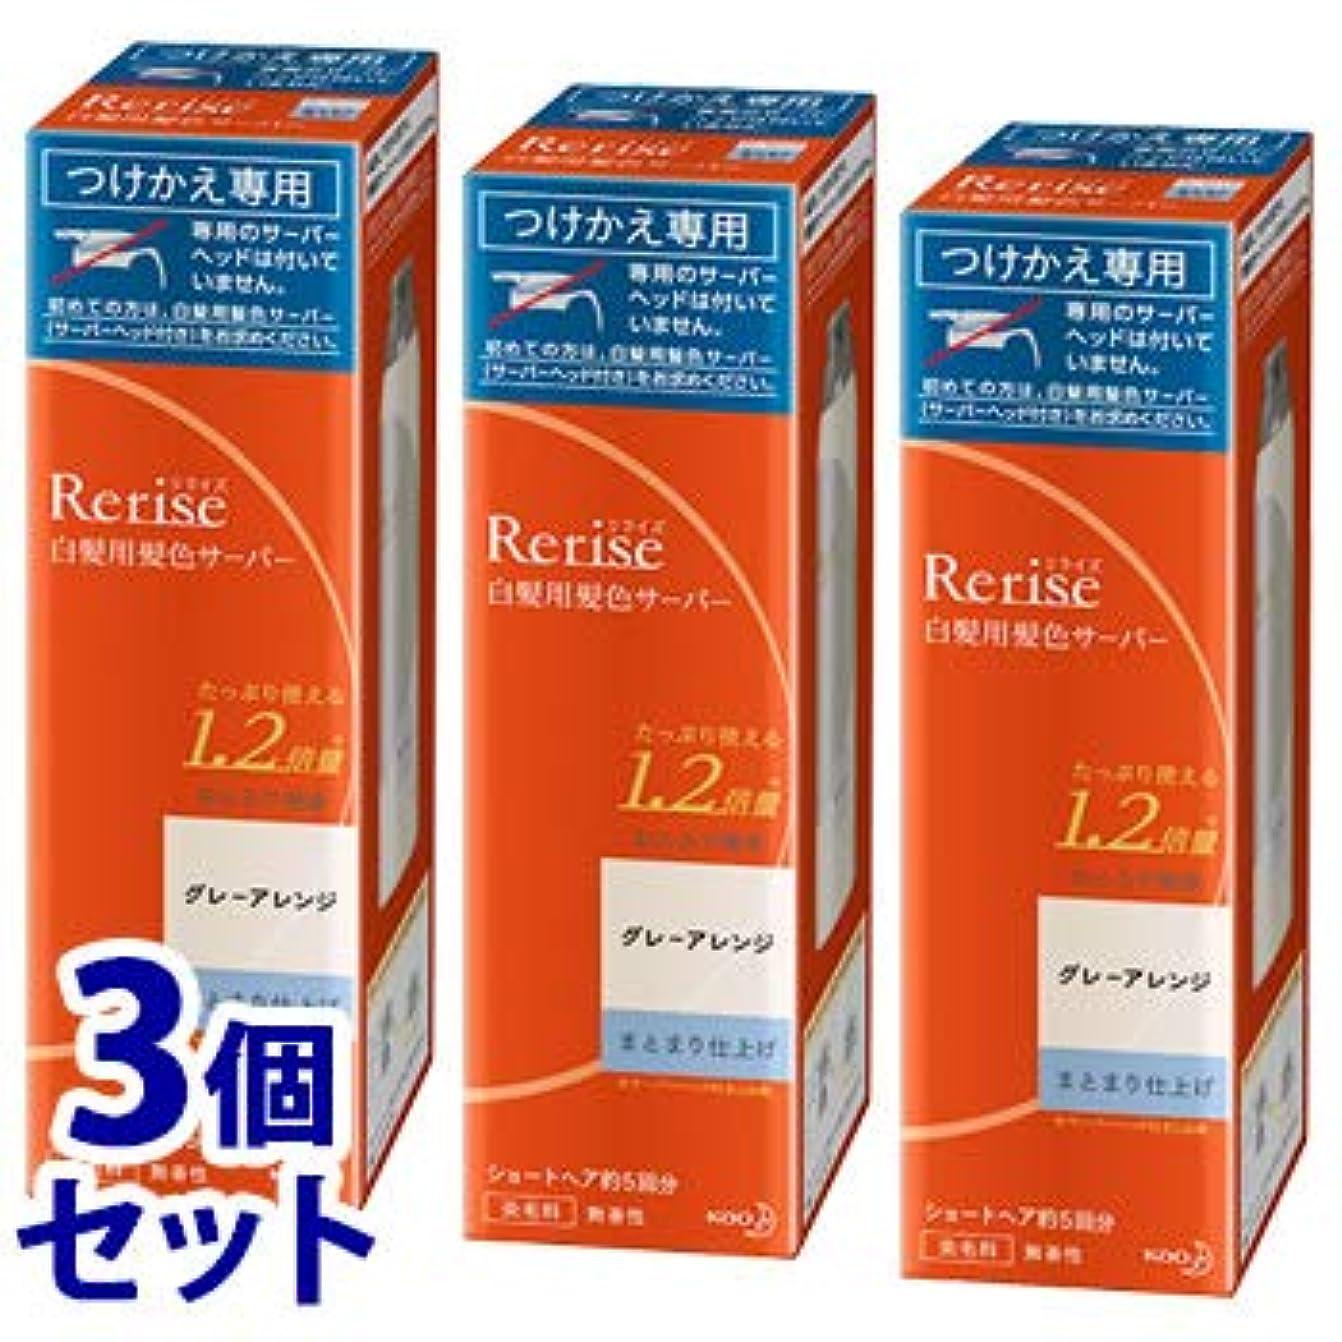 貫通するハシー交響曲《セット販売》 花王 リライズ 白髪用髪色サーバー グレーアレンジ まとまり仕上げ つけかえ用 (190g)×3個セット 付け替え用 染毛料